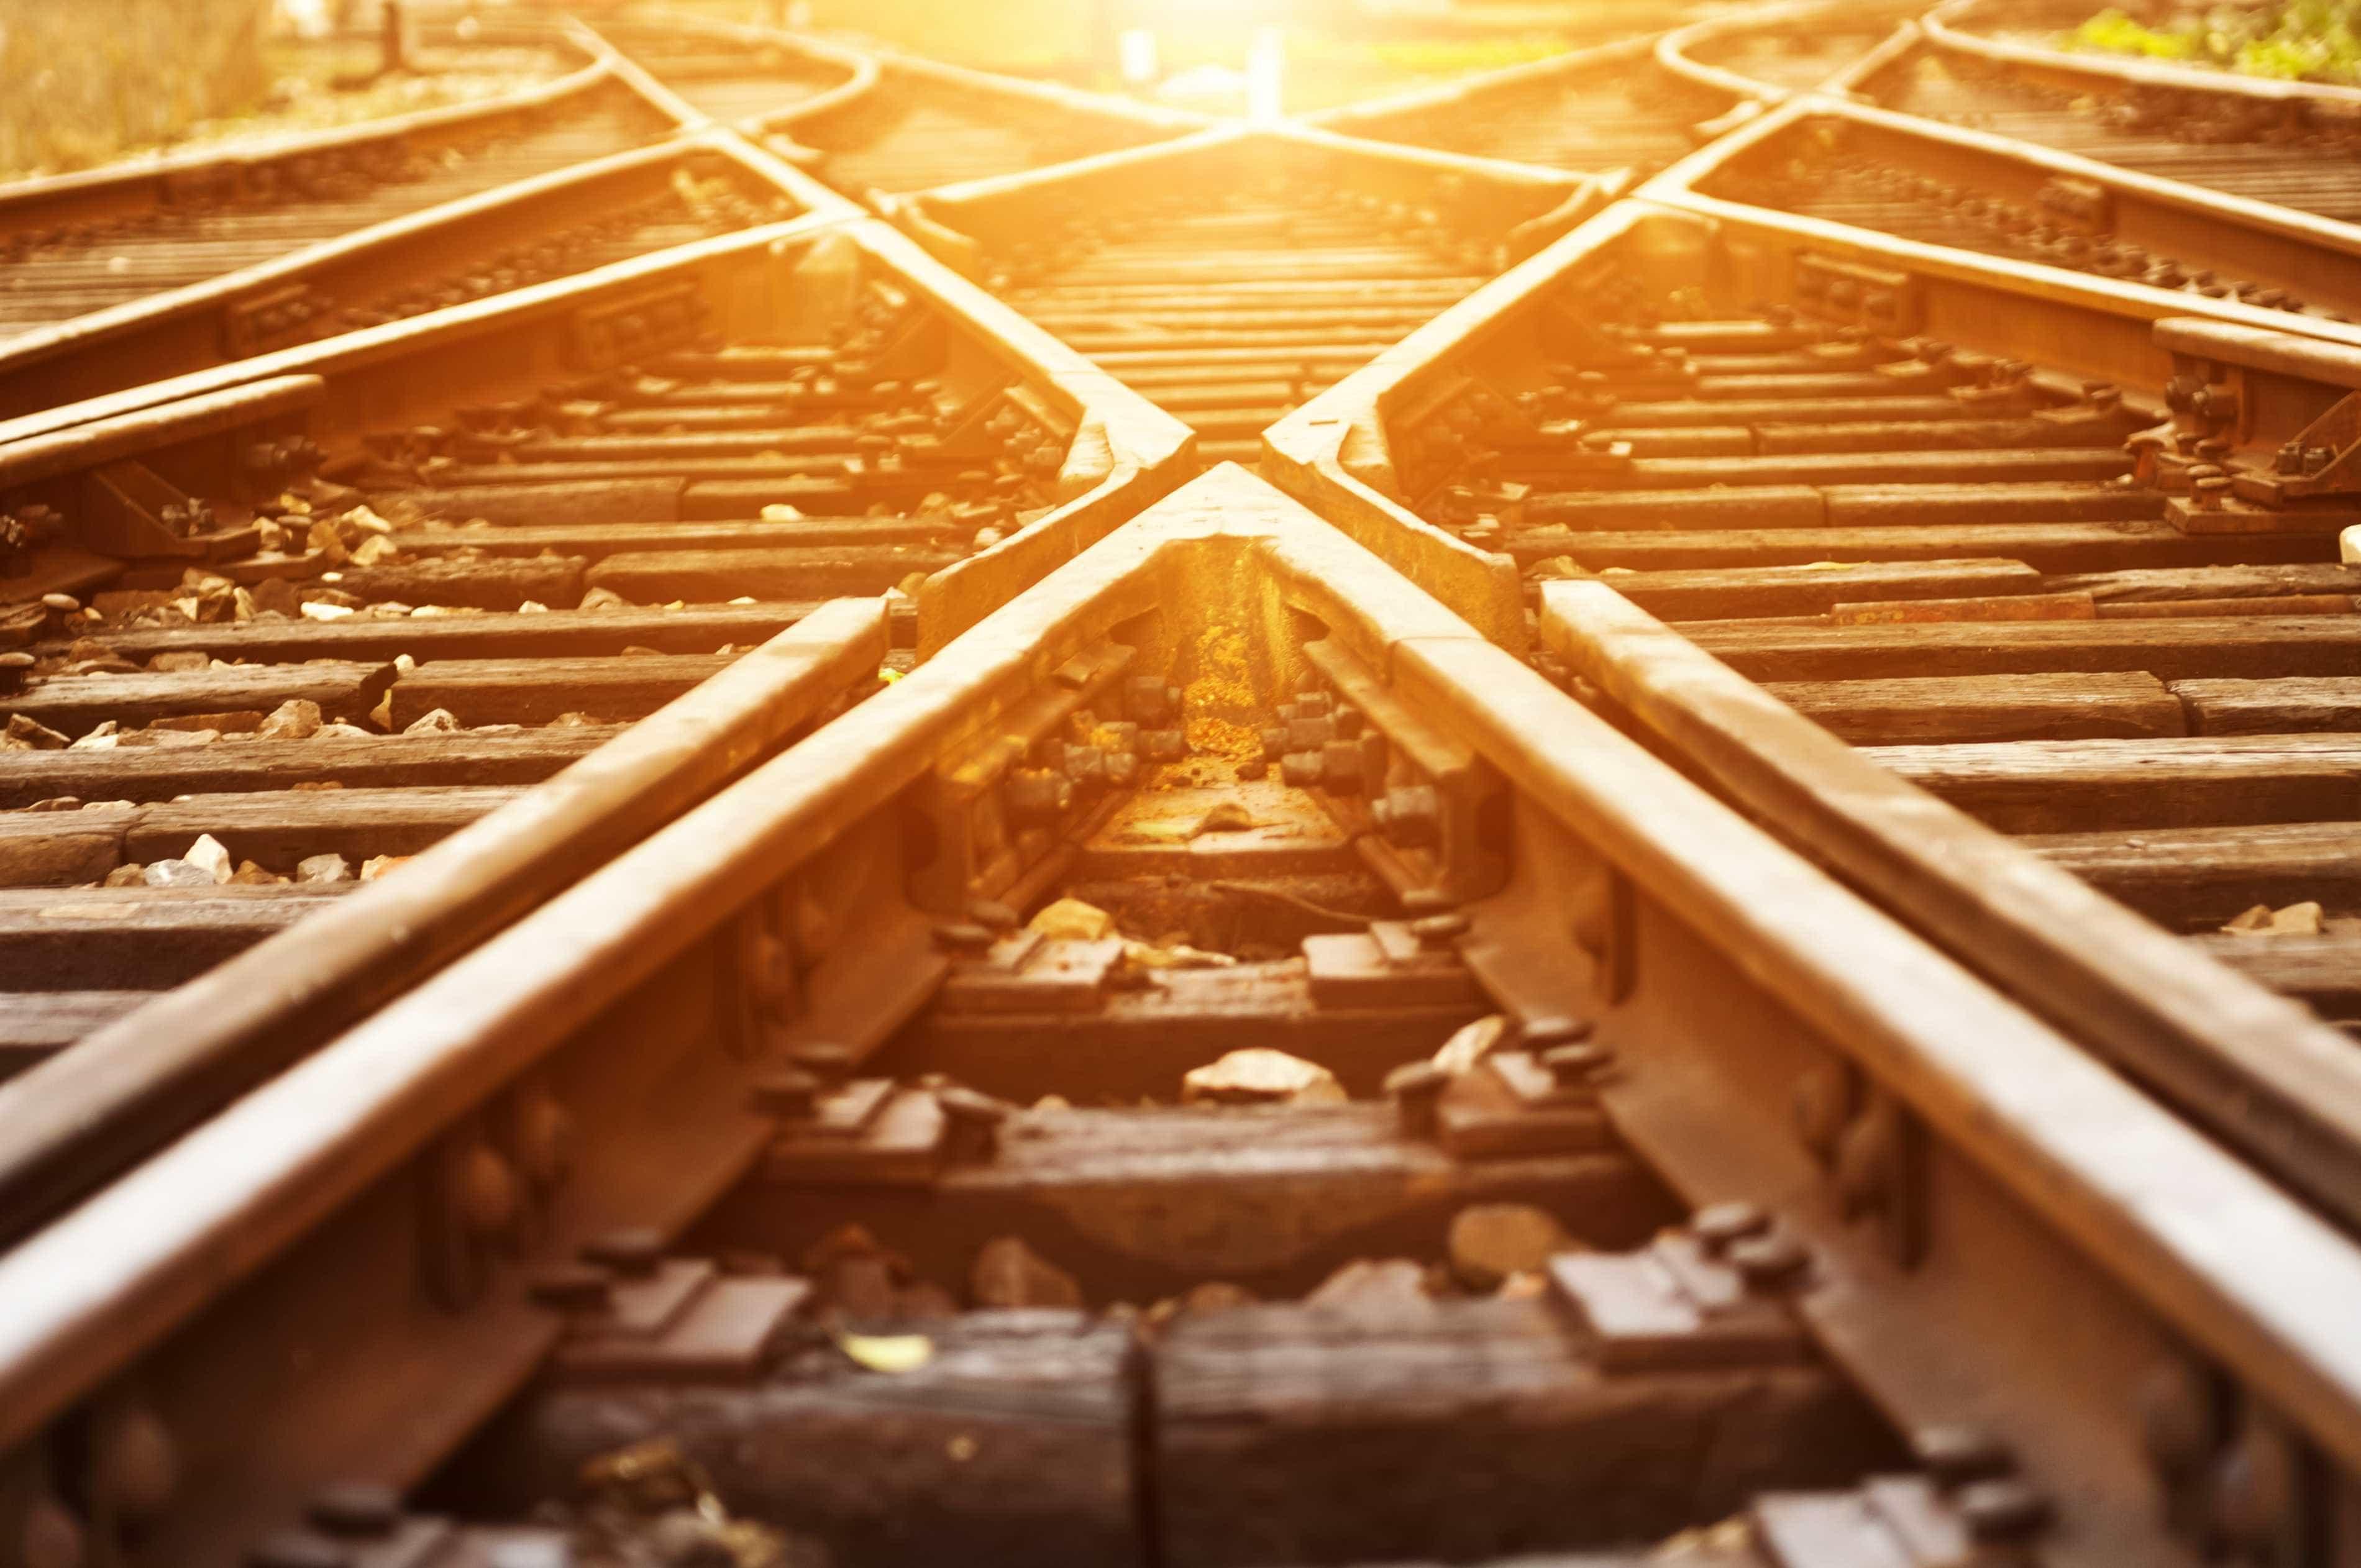 Reaberta circulação ferroviária na linha do Minho